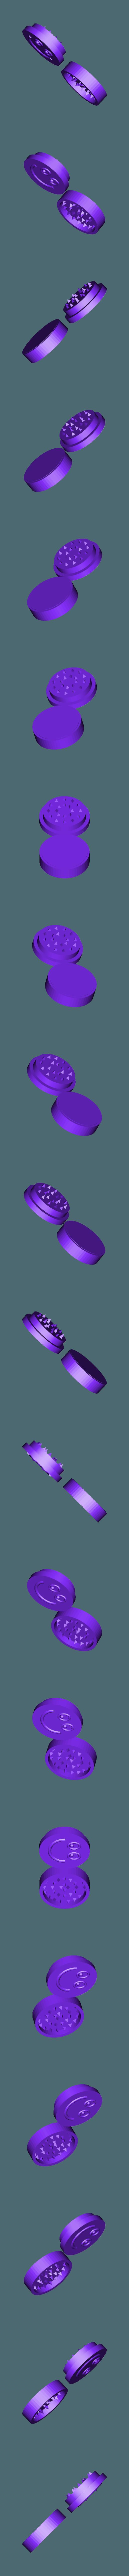 smiley-grinderv.stl Télécharger fichier STL gratuit broyeur de smiley • Design pour impression 3D, syzguru11